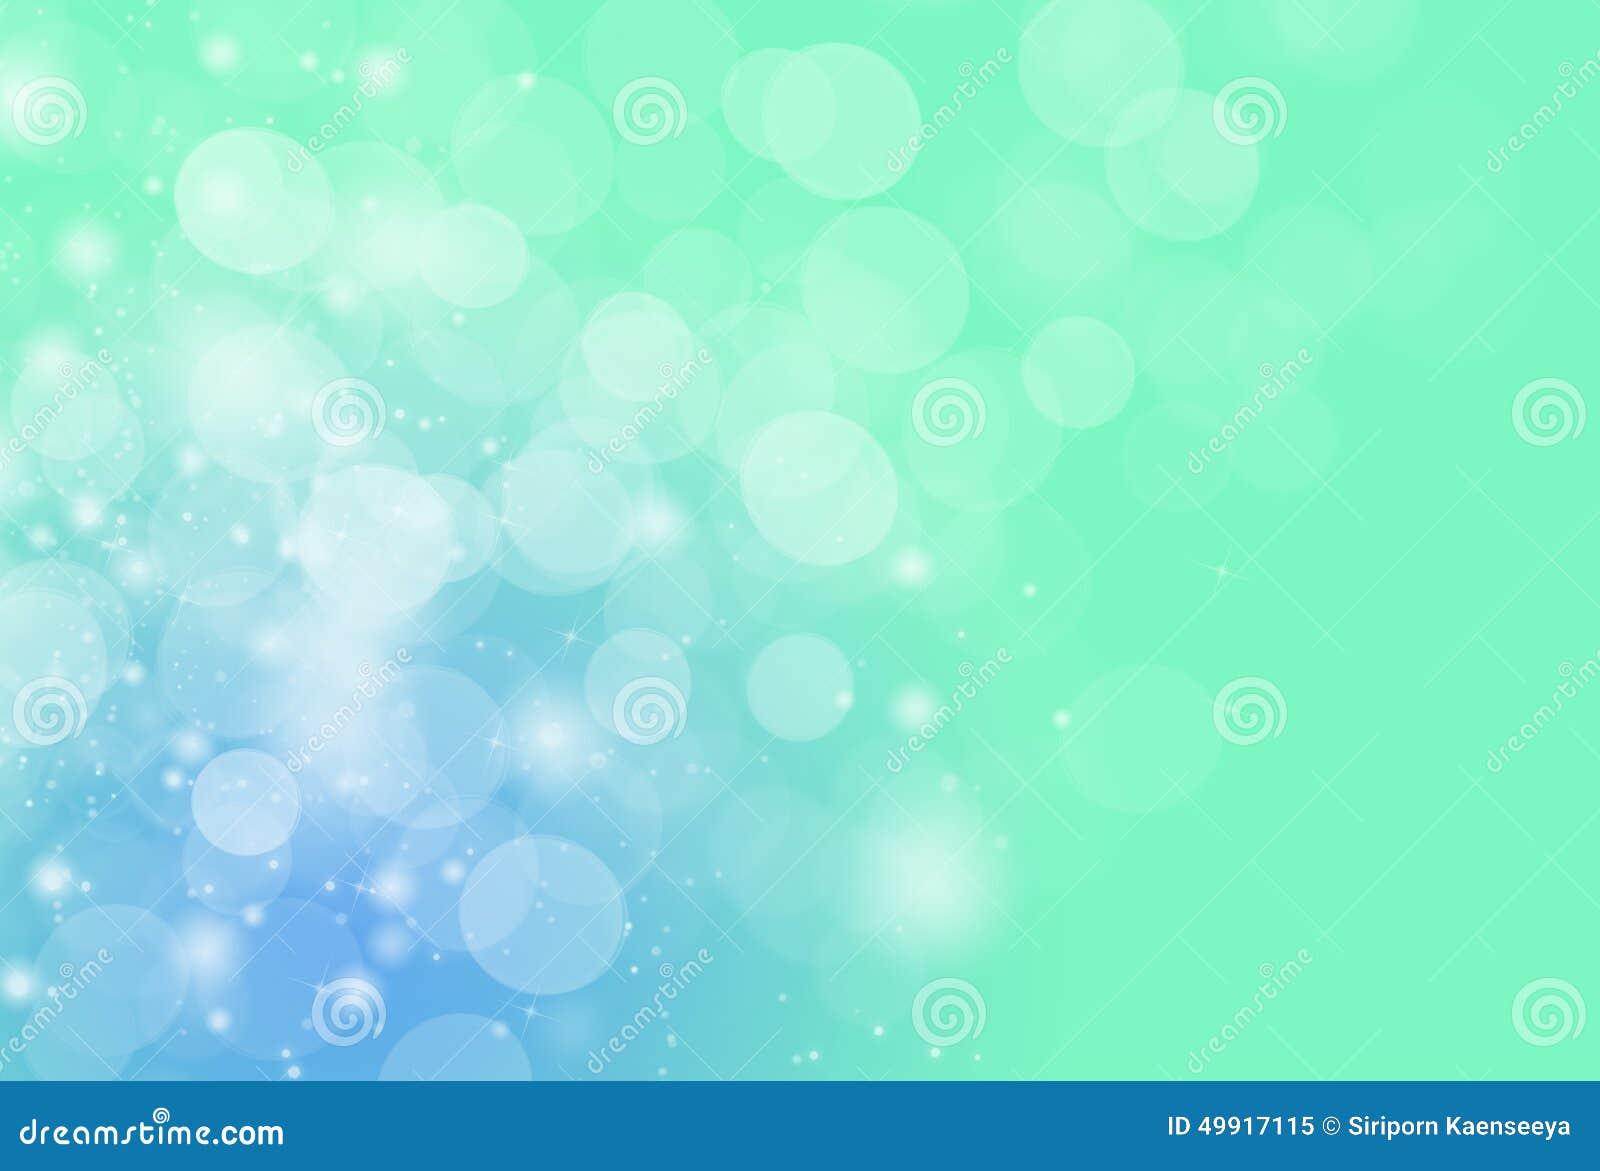 Blur Bokeh Light Effect Green Blue Background And Wallpaper